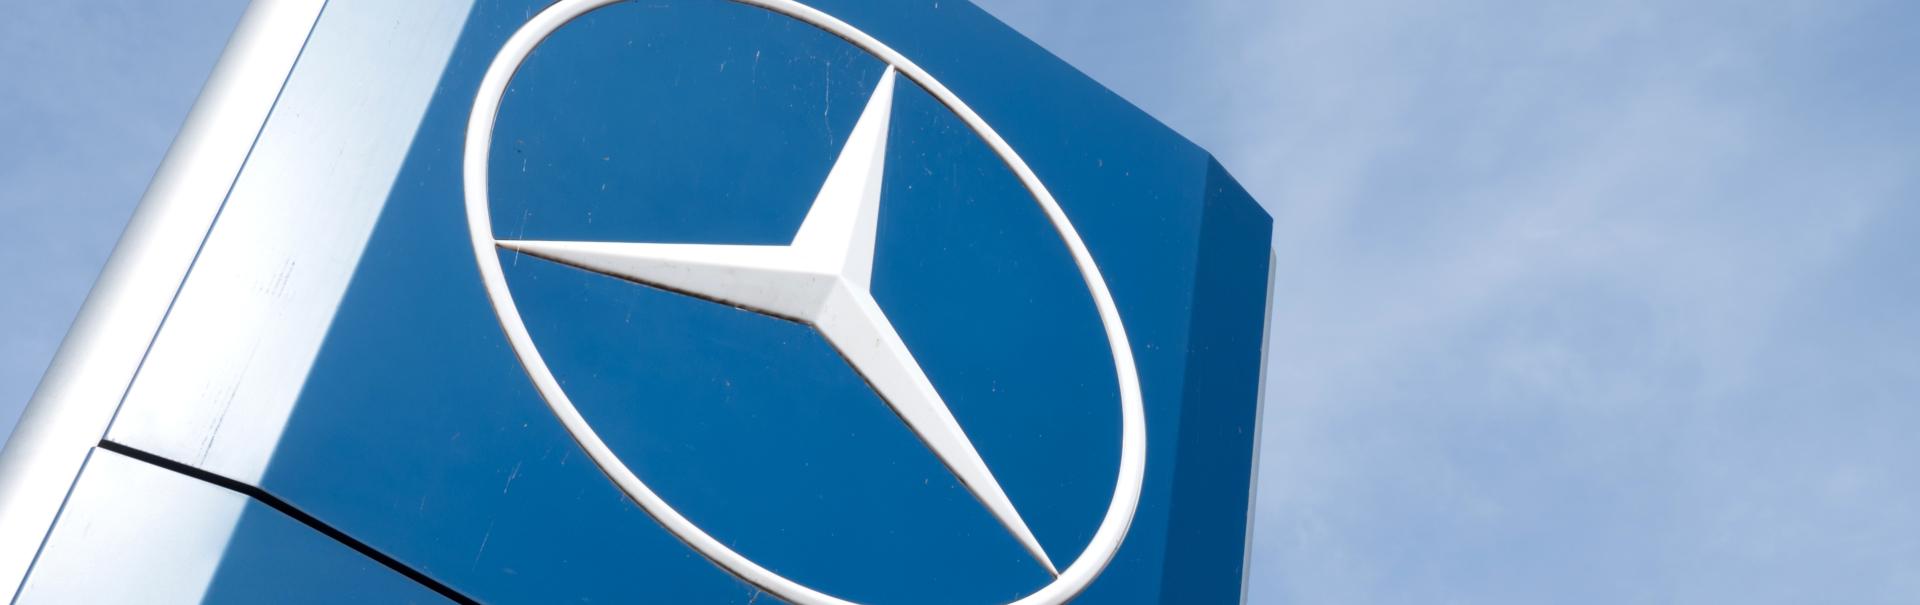 Abgasskandal: Ansprüche gegen Daimler drohen zu verjähren